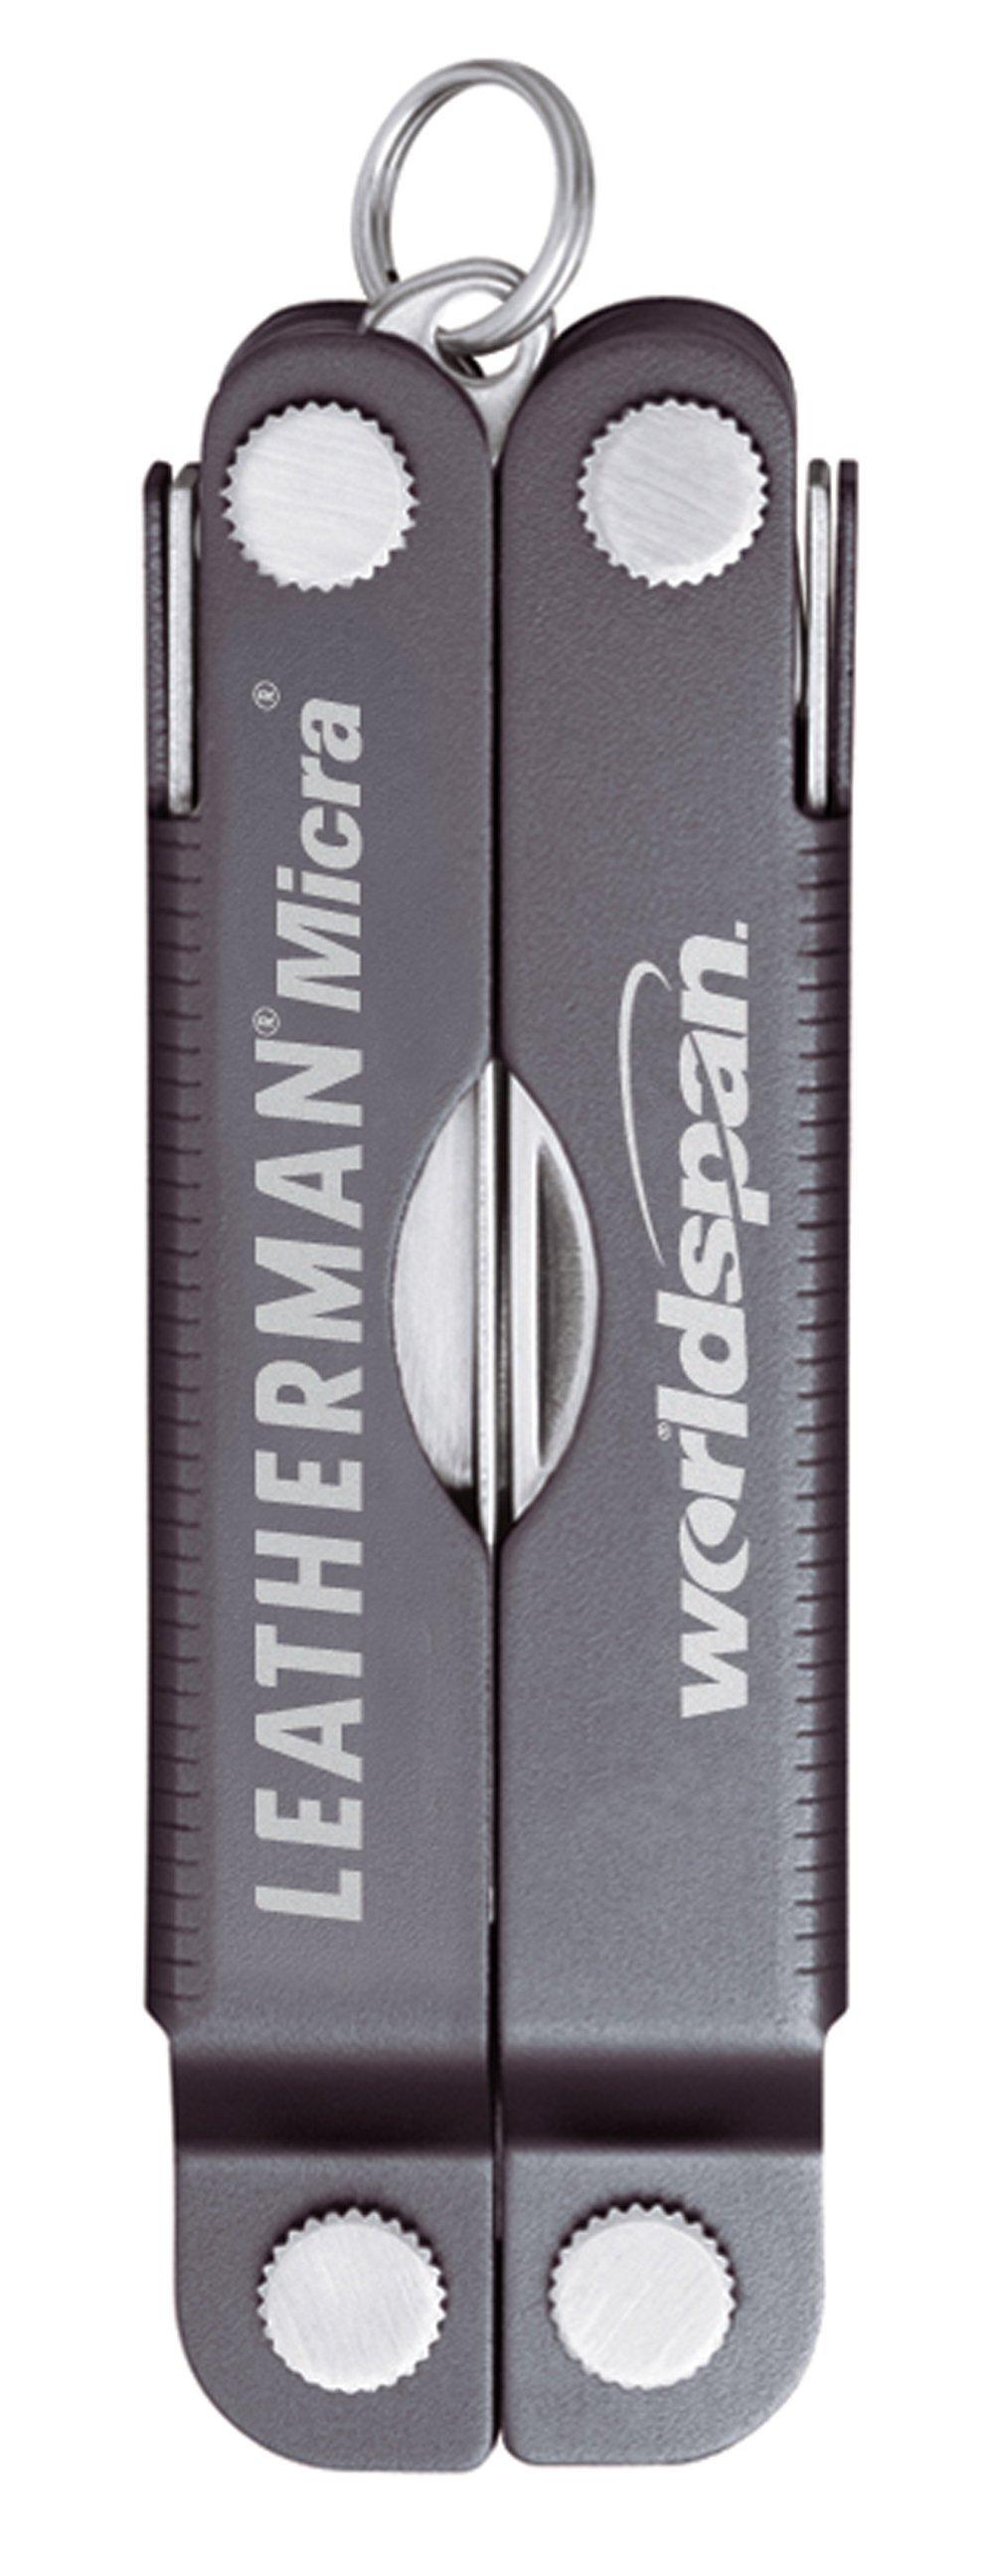 Leatherman® Micra Pocket Tool